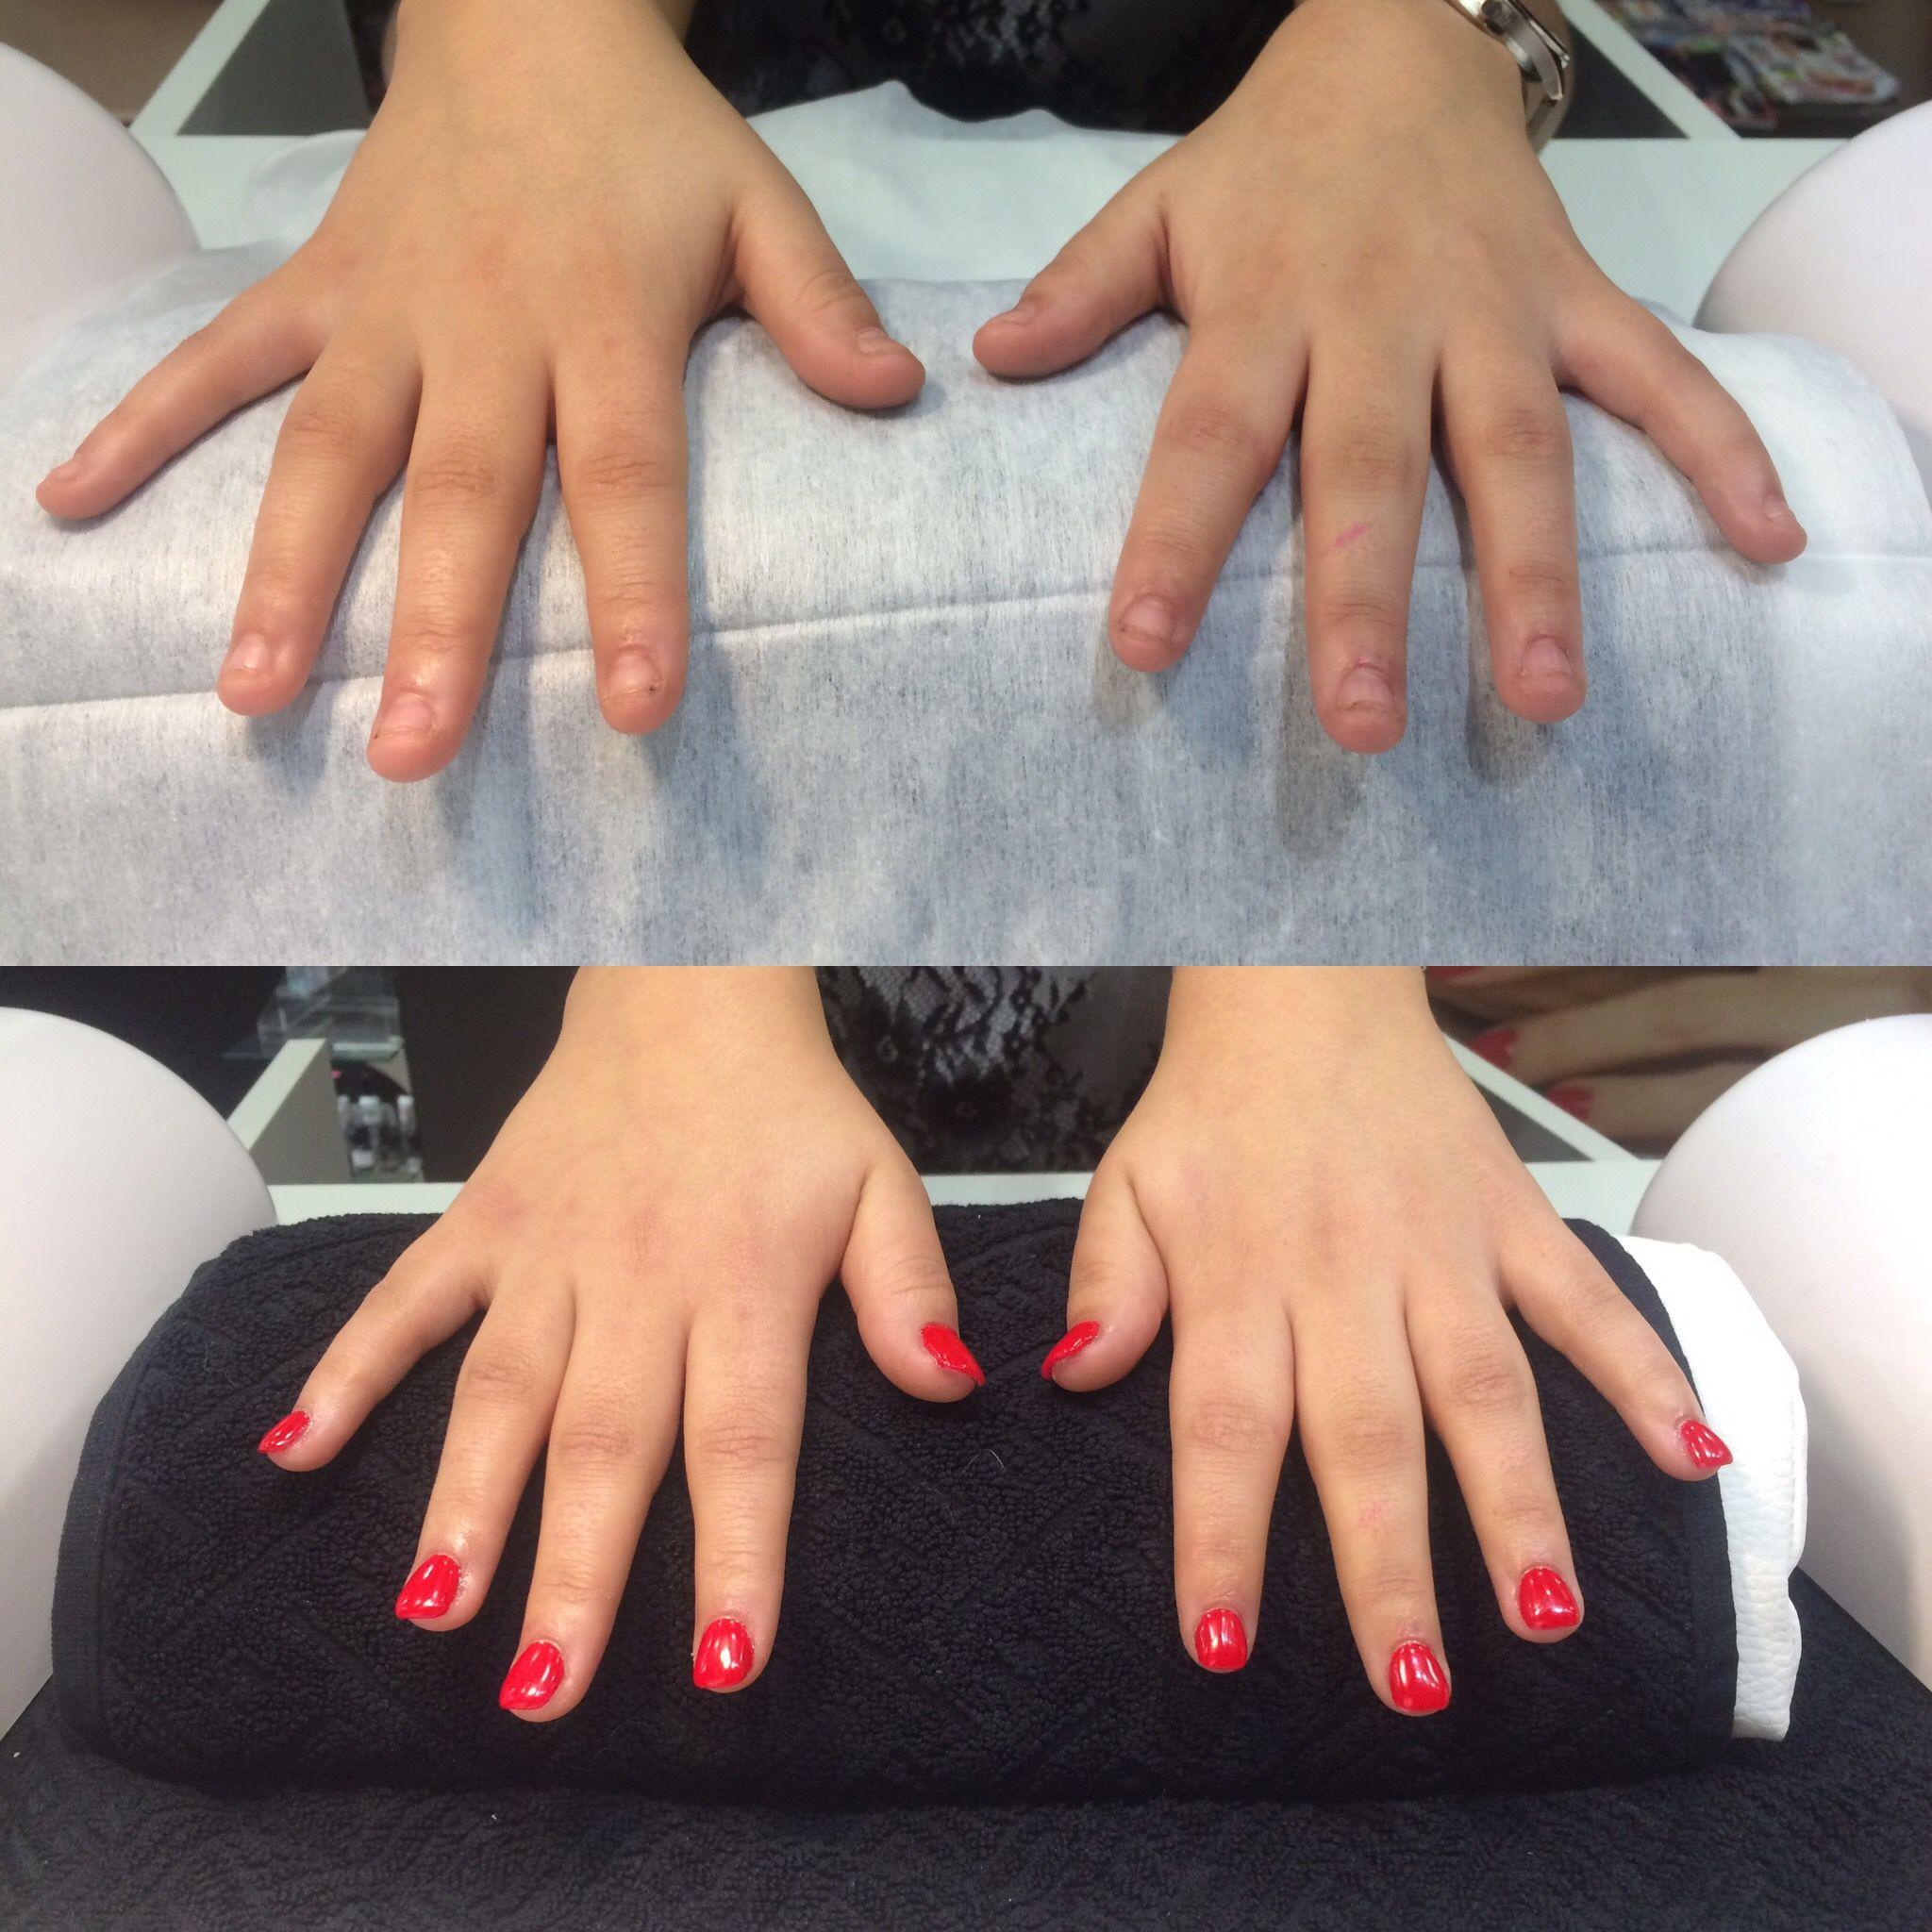 Curso de uñas esculpidas: Servicios  de Beauty my